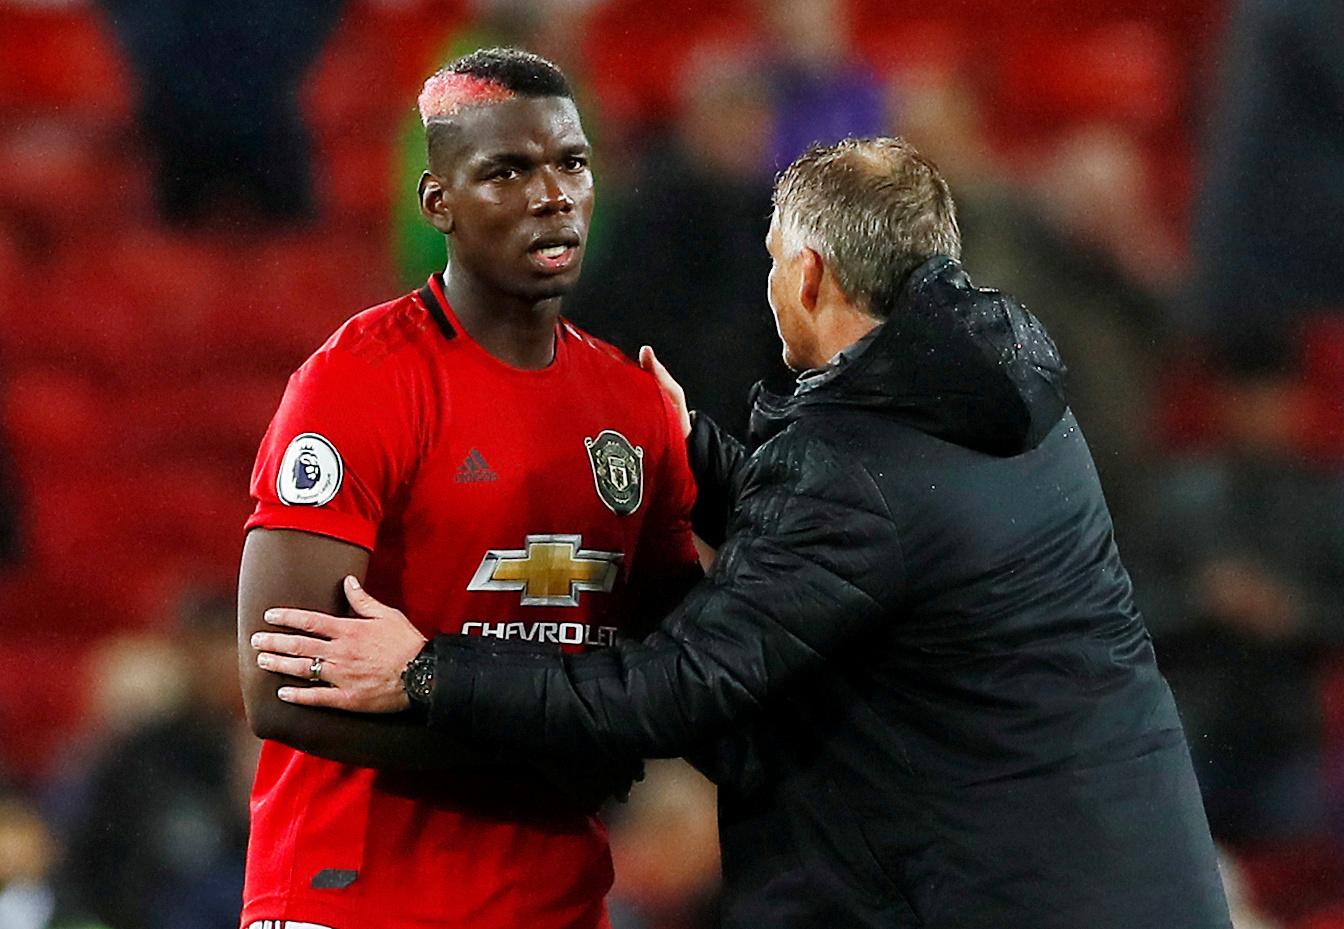 Football - Transferts - Raiola sur Pogba : «Il veut remporter des titres, et il aimerait que ce soit avec Manchester United»